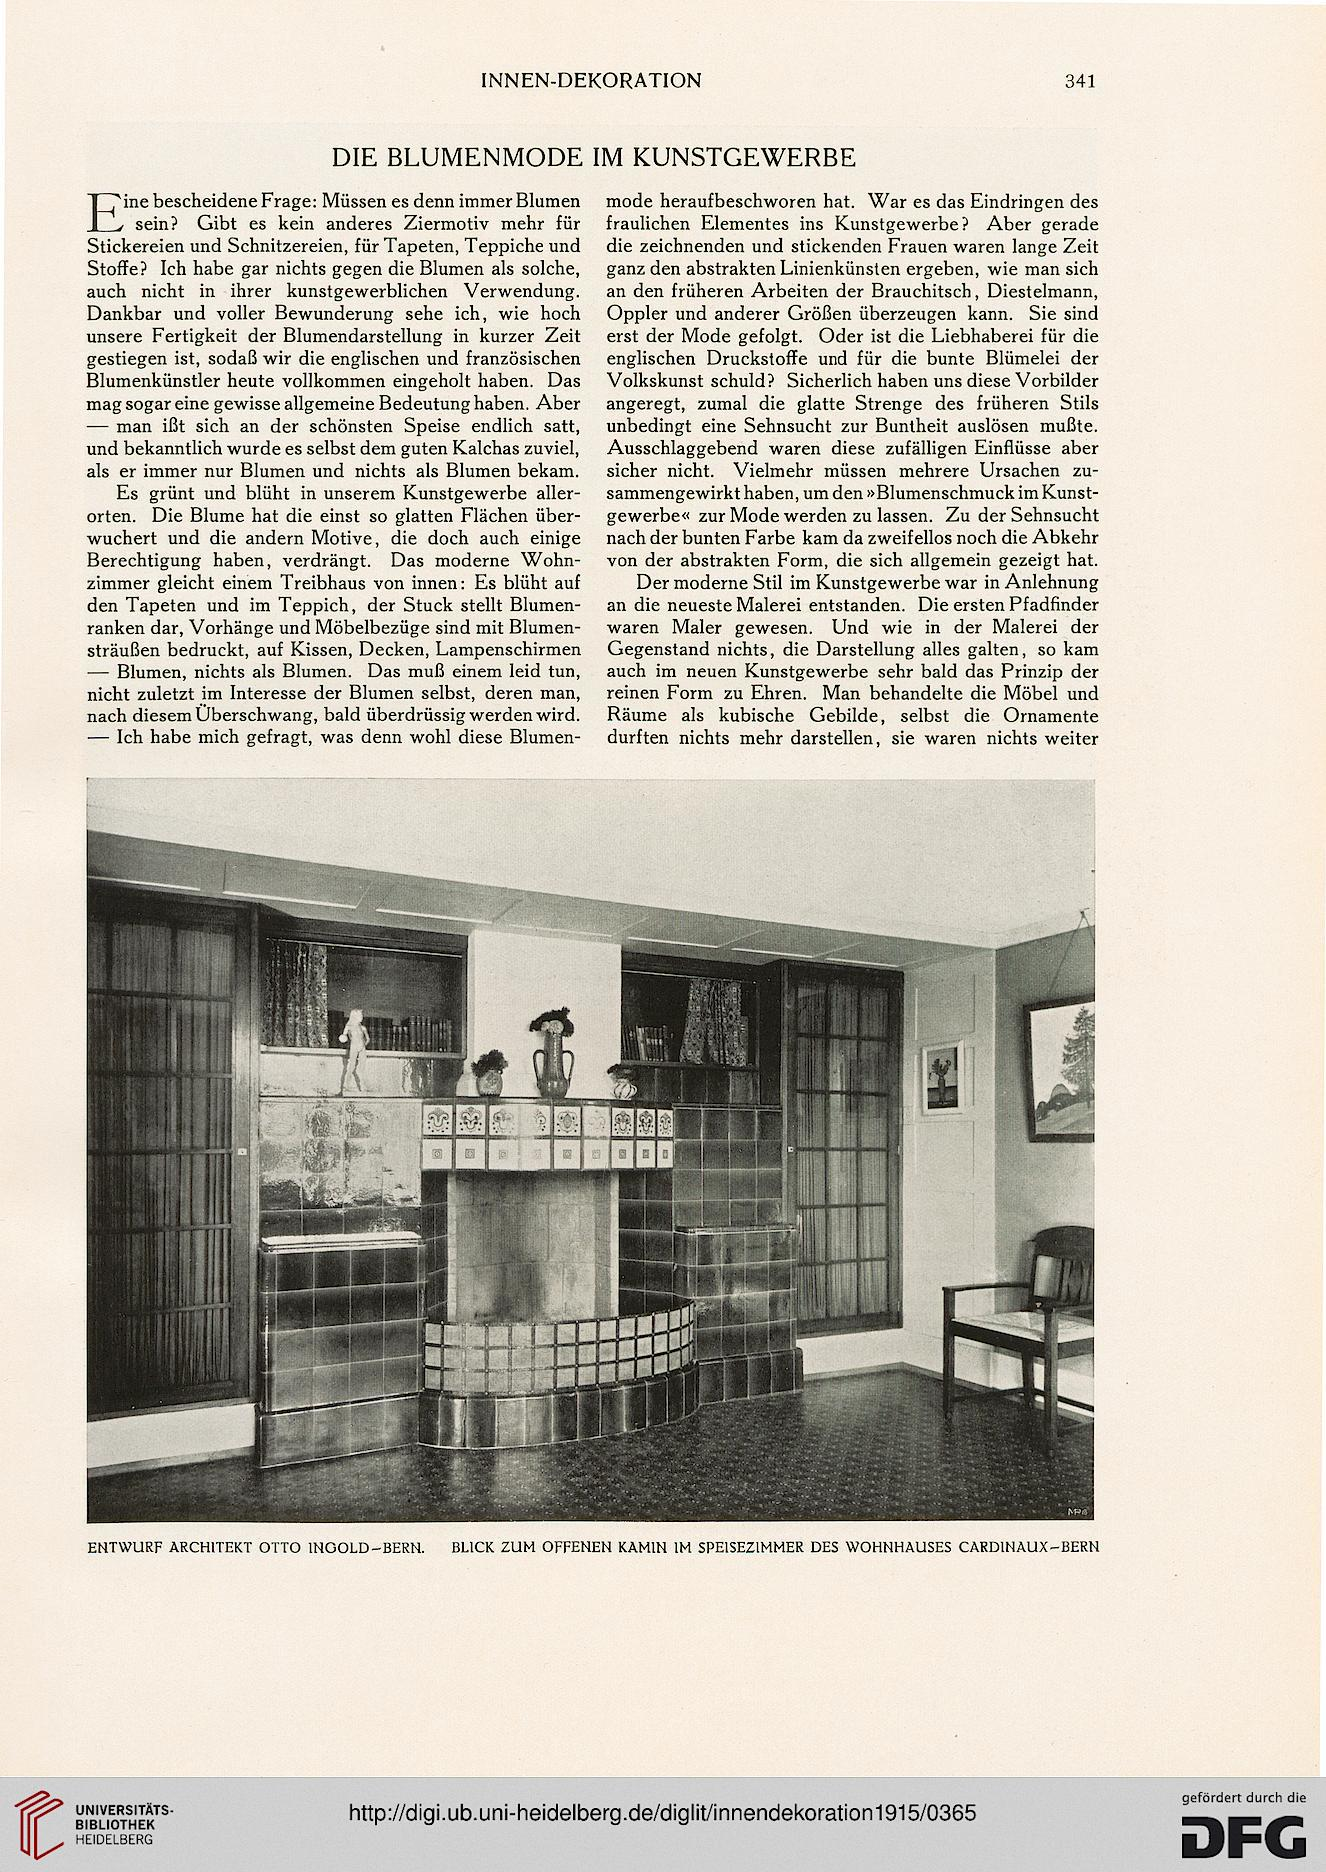 Innendekoration: Mein Heim, Mein Stolz ; Die Gesamte Wohnungskunst In Bild  Und Wort (26.1915)